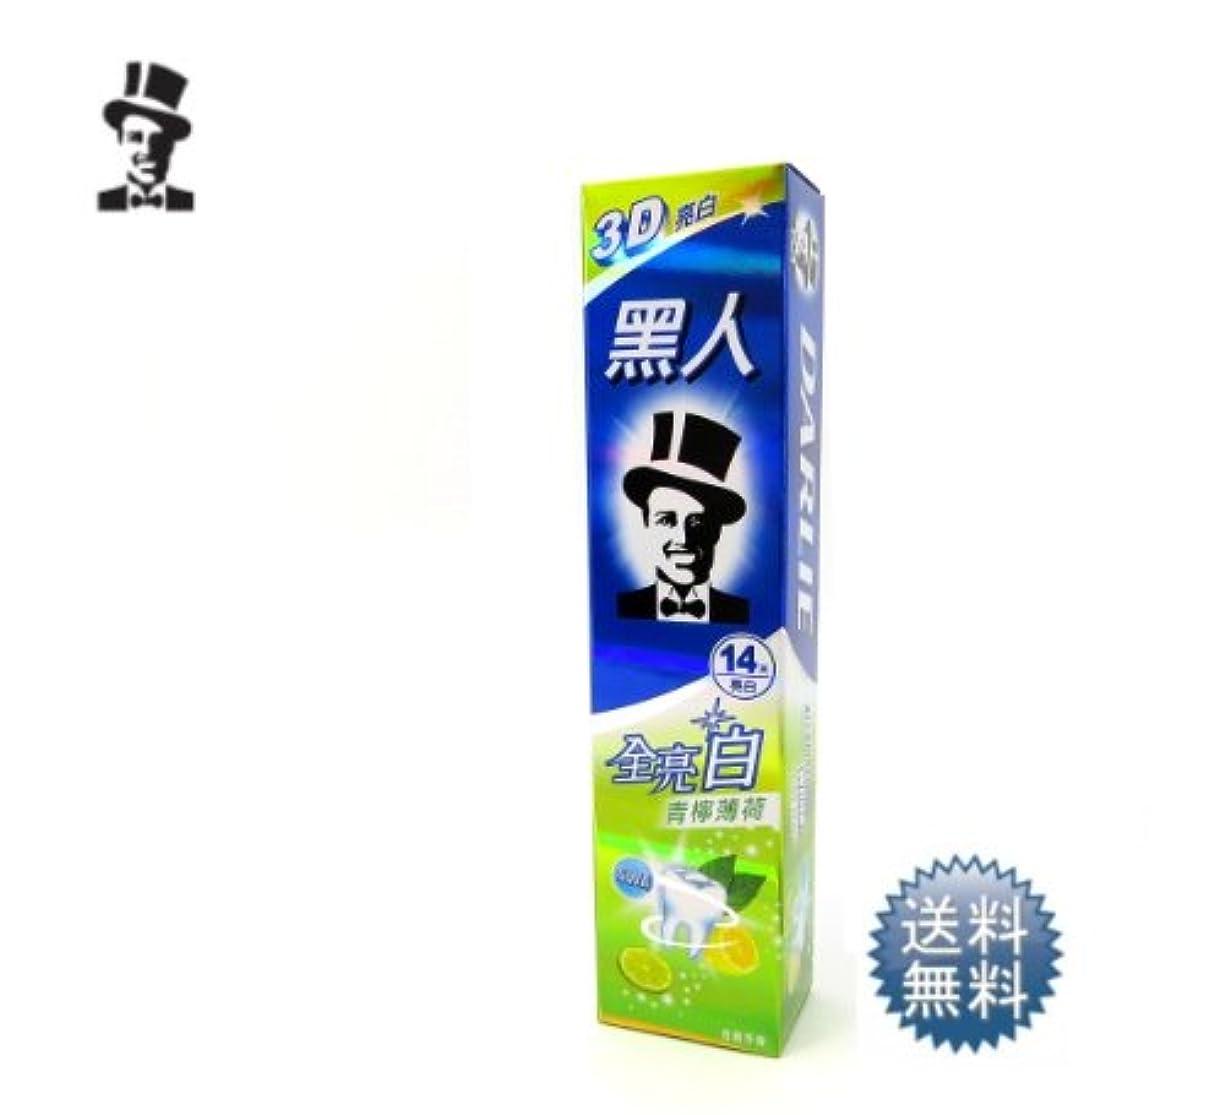 多年生作者明確な台湾 黒人 歯磨き 全亮白 青檸薄荷 140g